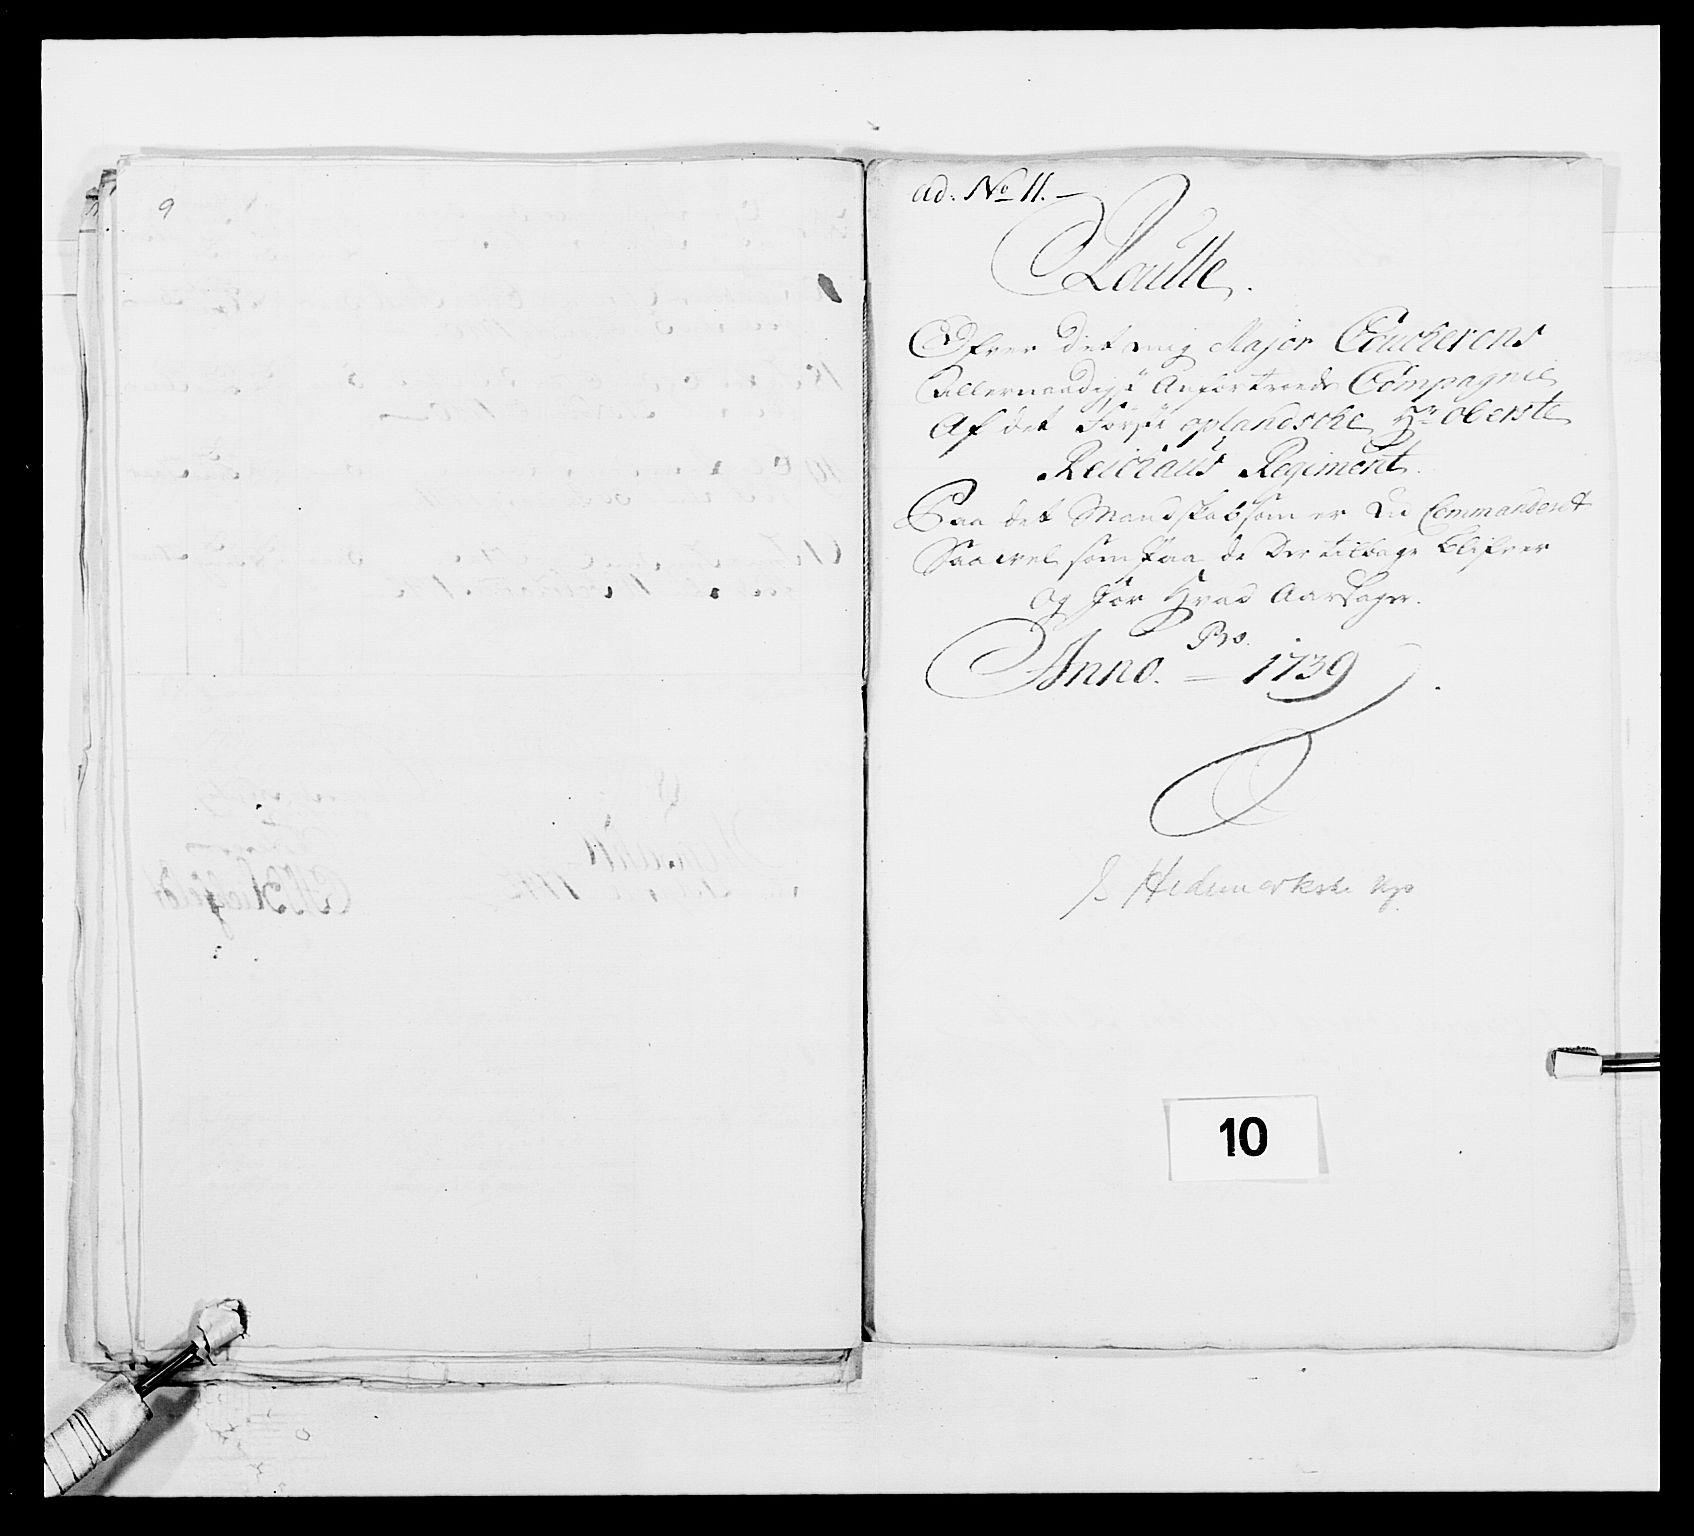 RA, Kommanderende general (KG I) med Det norske krigsdirektorium, E/Ea/L0502: 1. Opplandske regiment, 1720-1743, s. 109